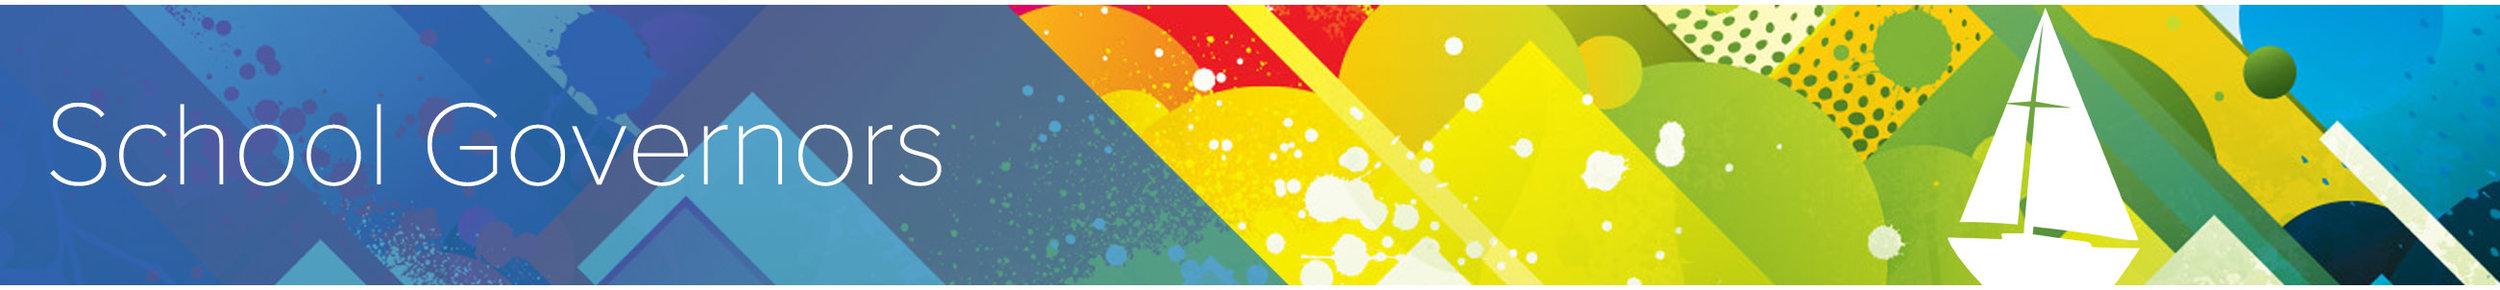 SchGovs-banner.jpg